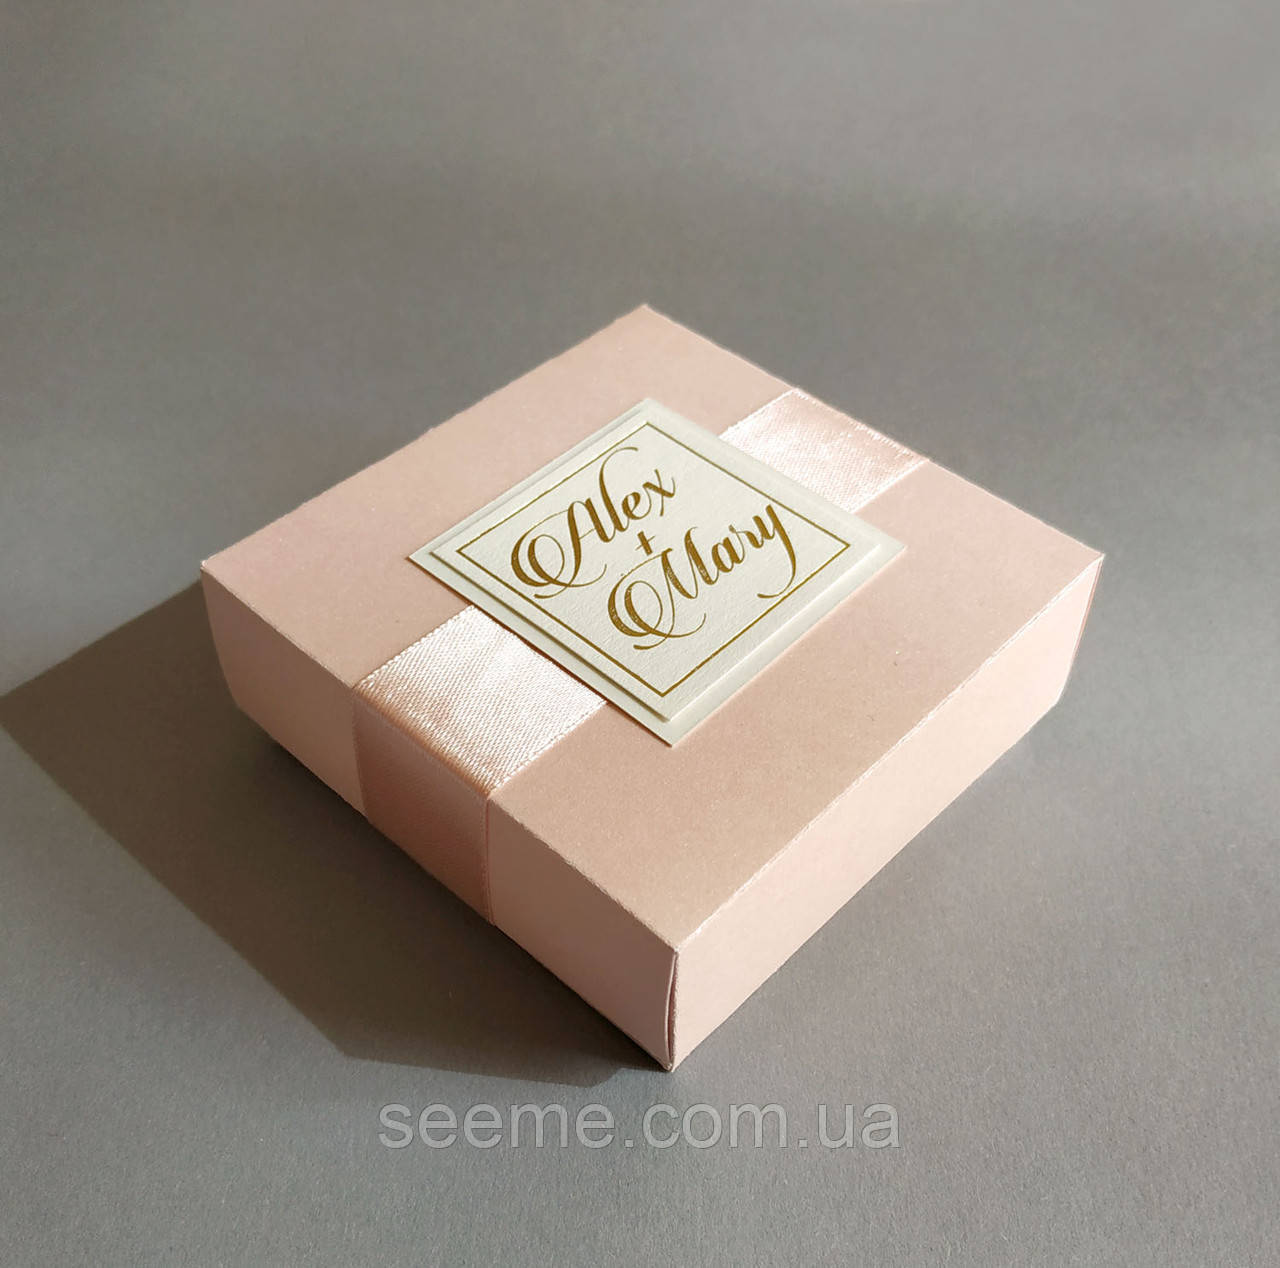 Коробка подарункова 85x85x35 мм, перламутровий колір персиковий